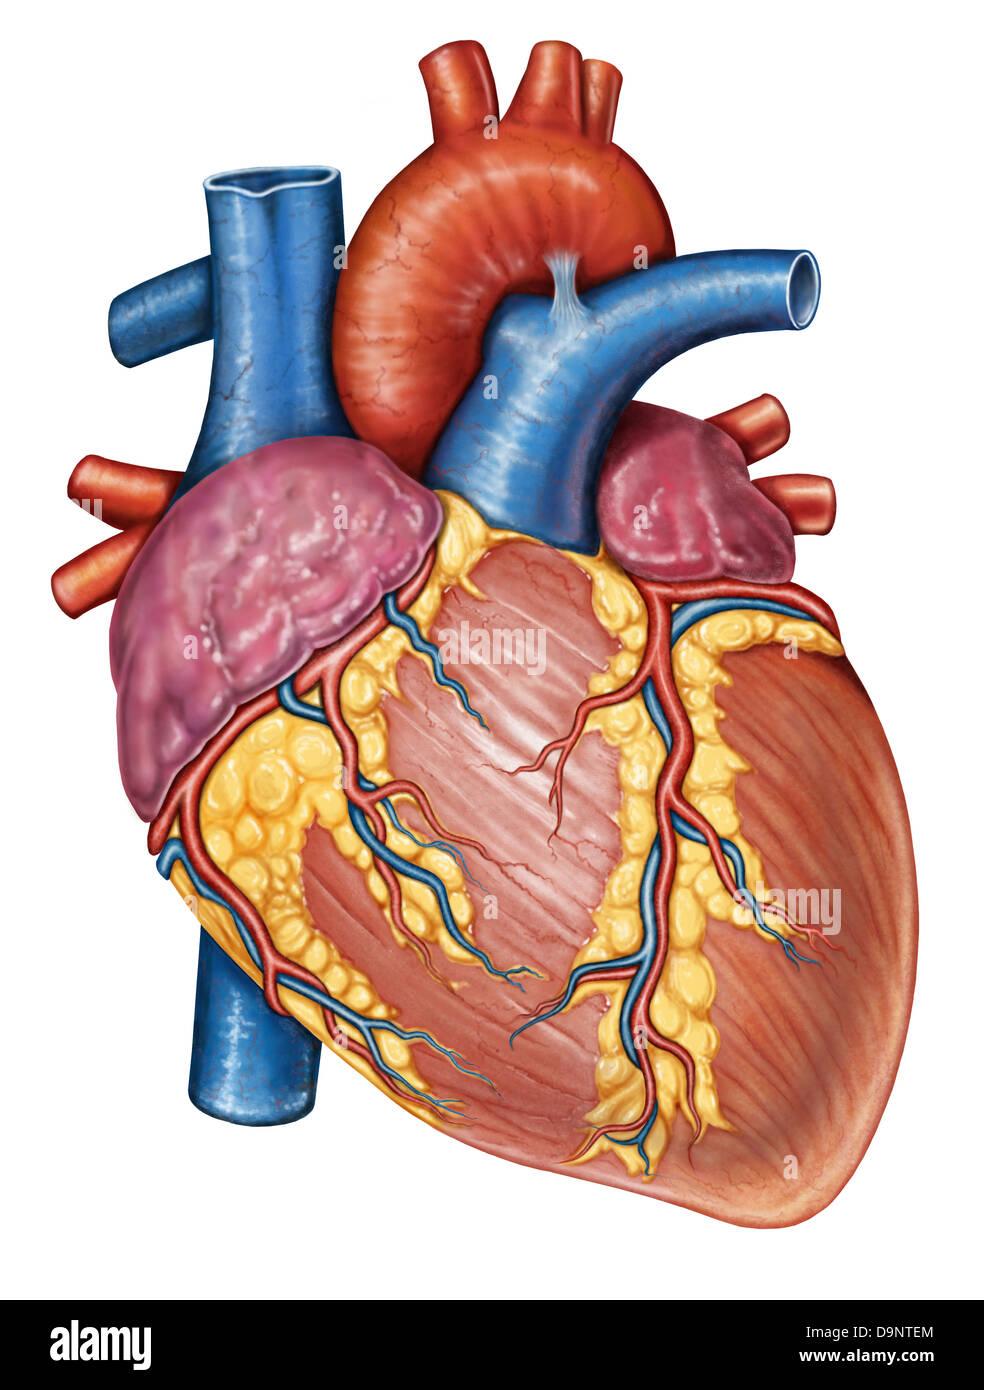 Anatomie des menschlichen Herzens Stockfoto, Bild: 57643228 - Alamy